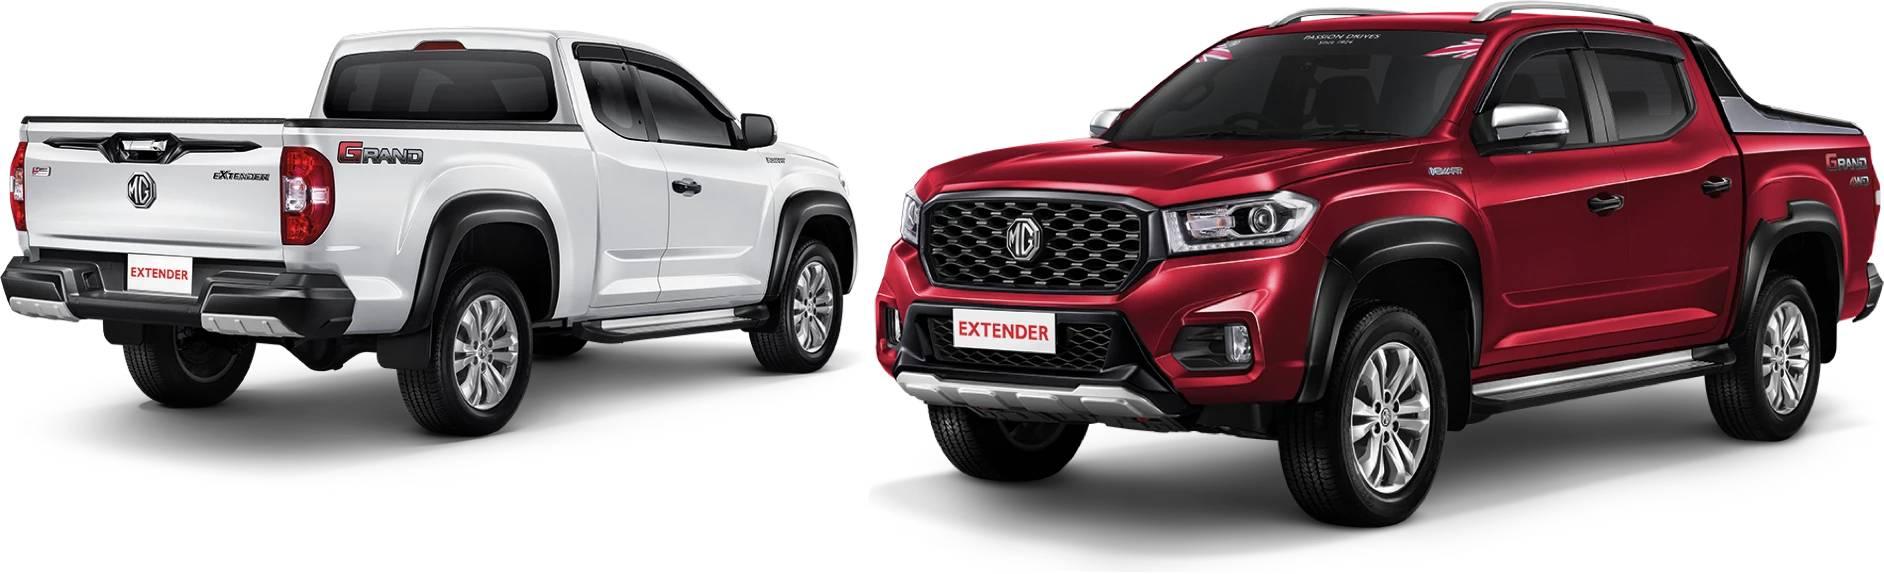 d19ecdea-mg-extender-pickup-truck-thailand-spec-4 (1).jpg